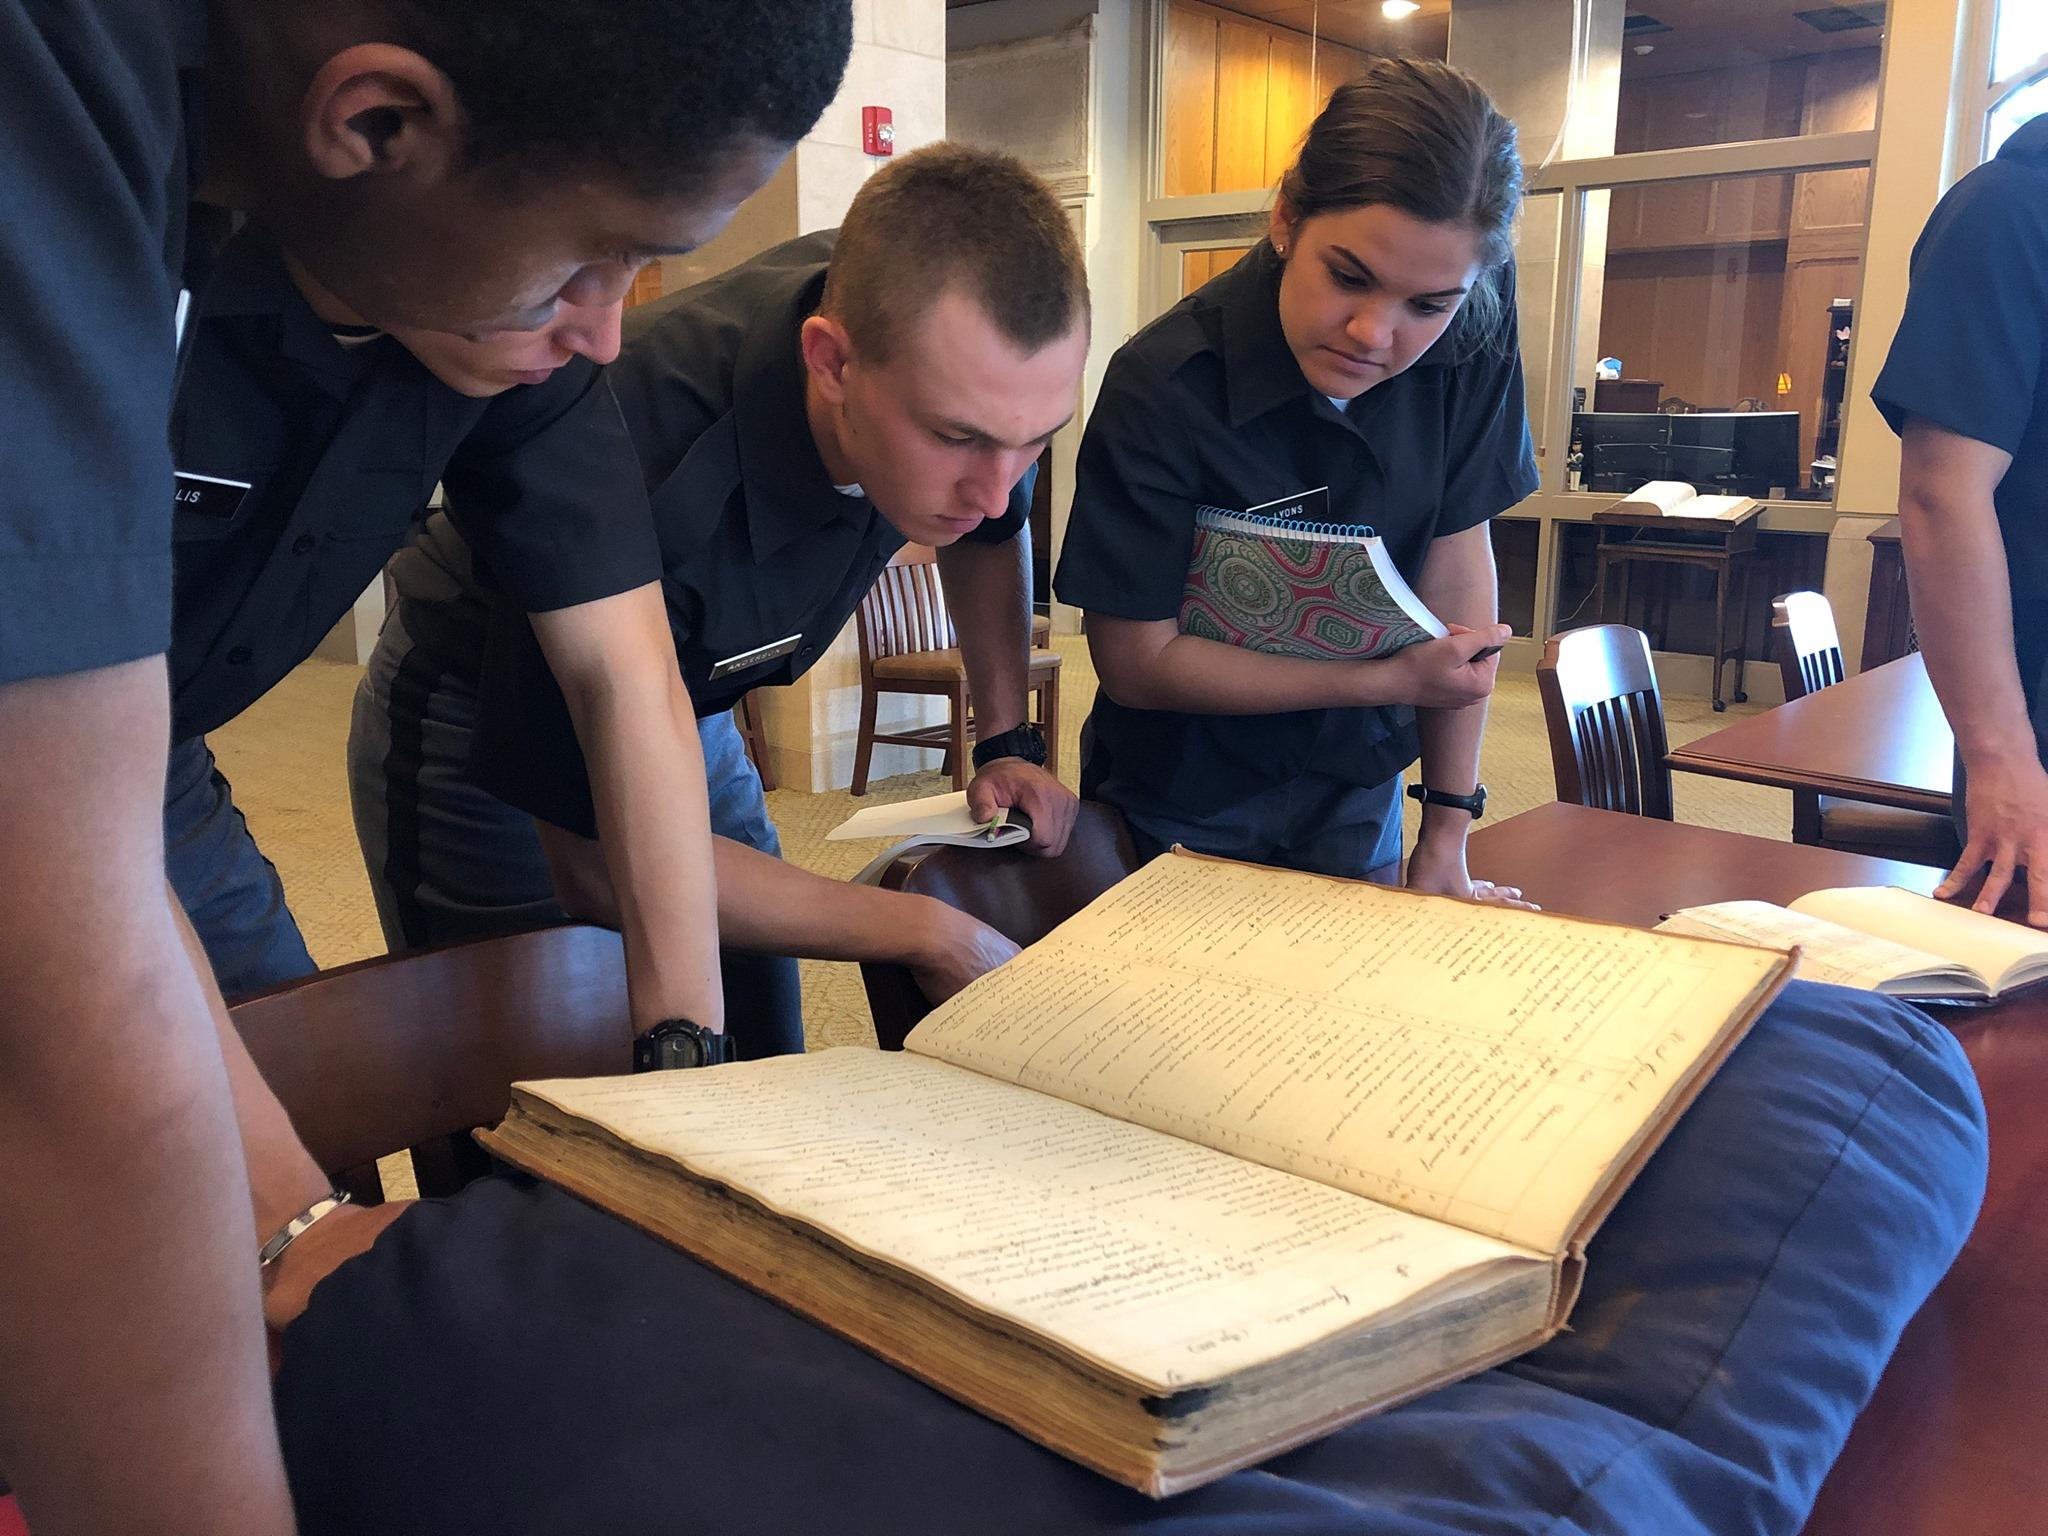 Students observe a large manuscript.